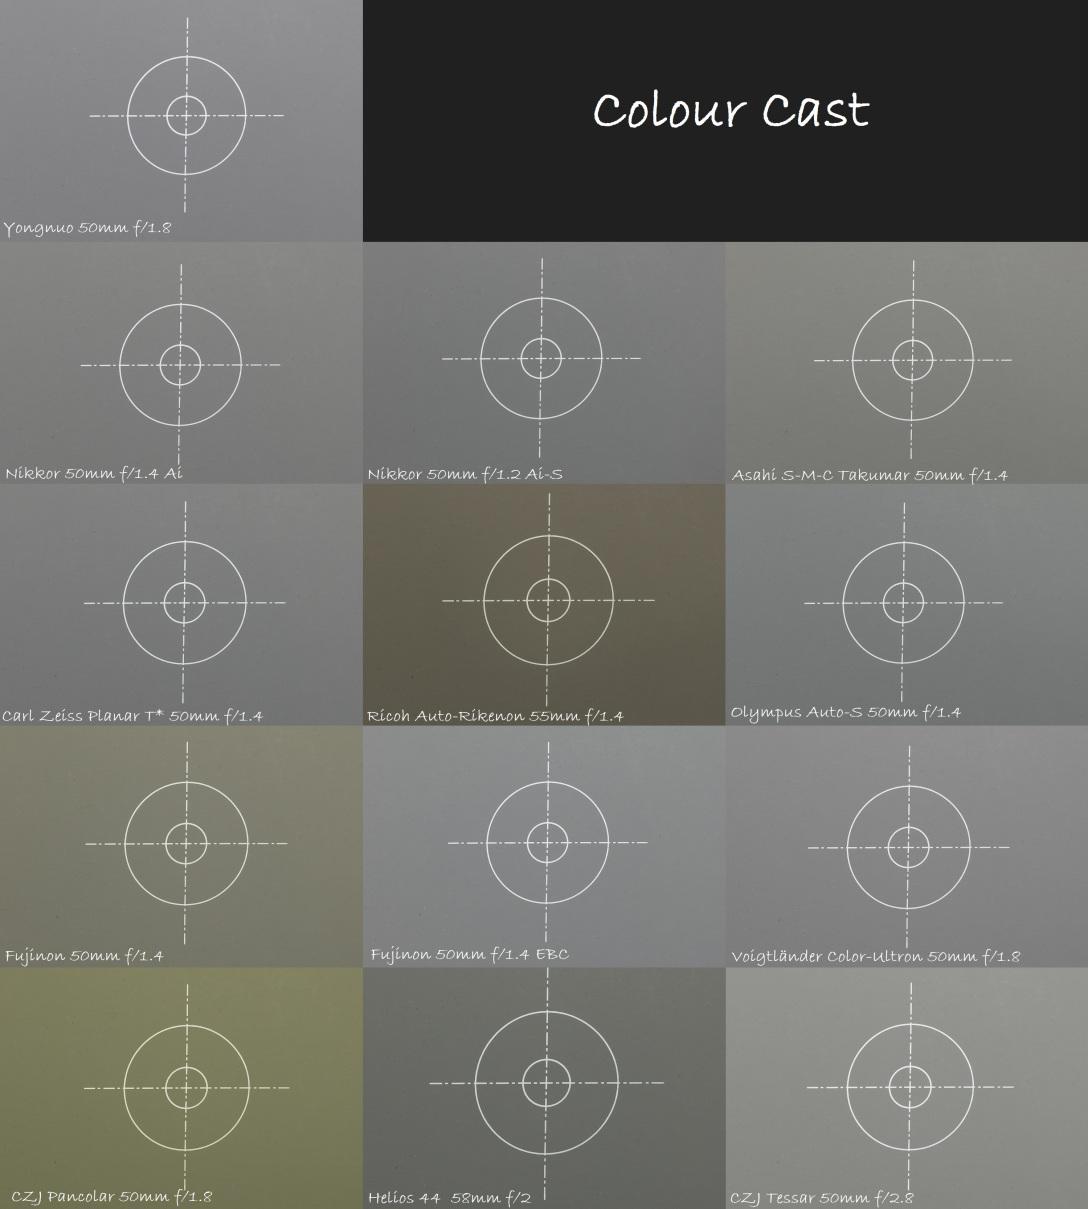 Colour-Cast